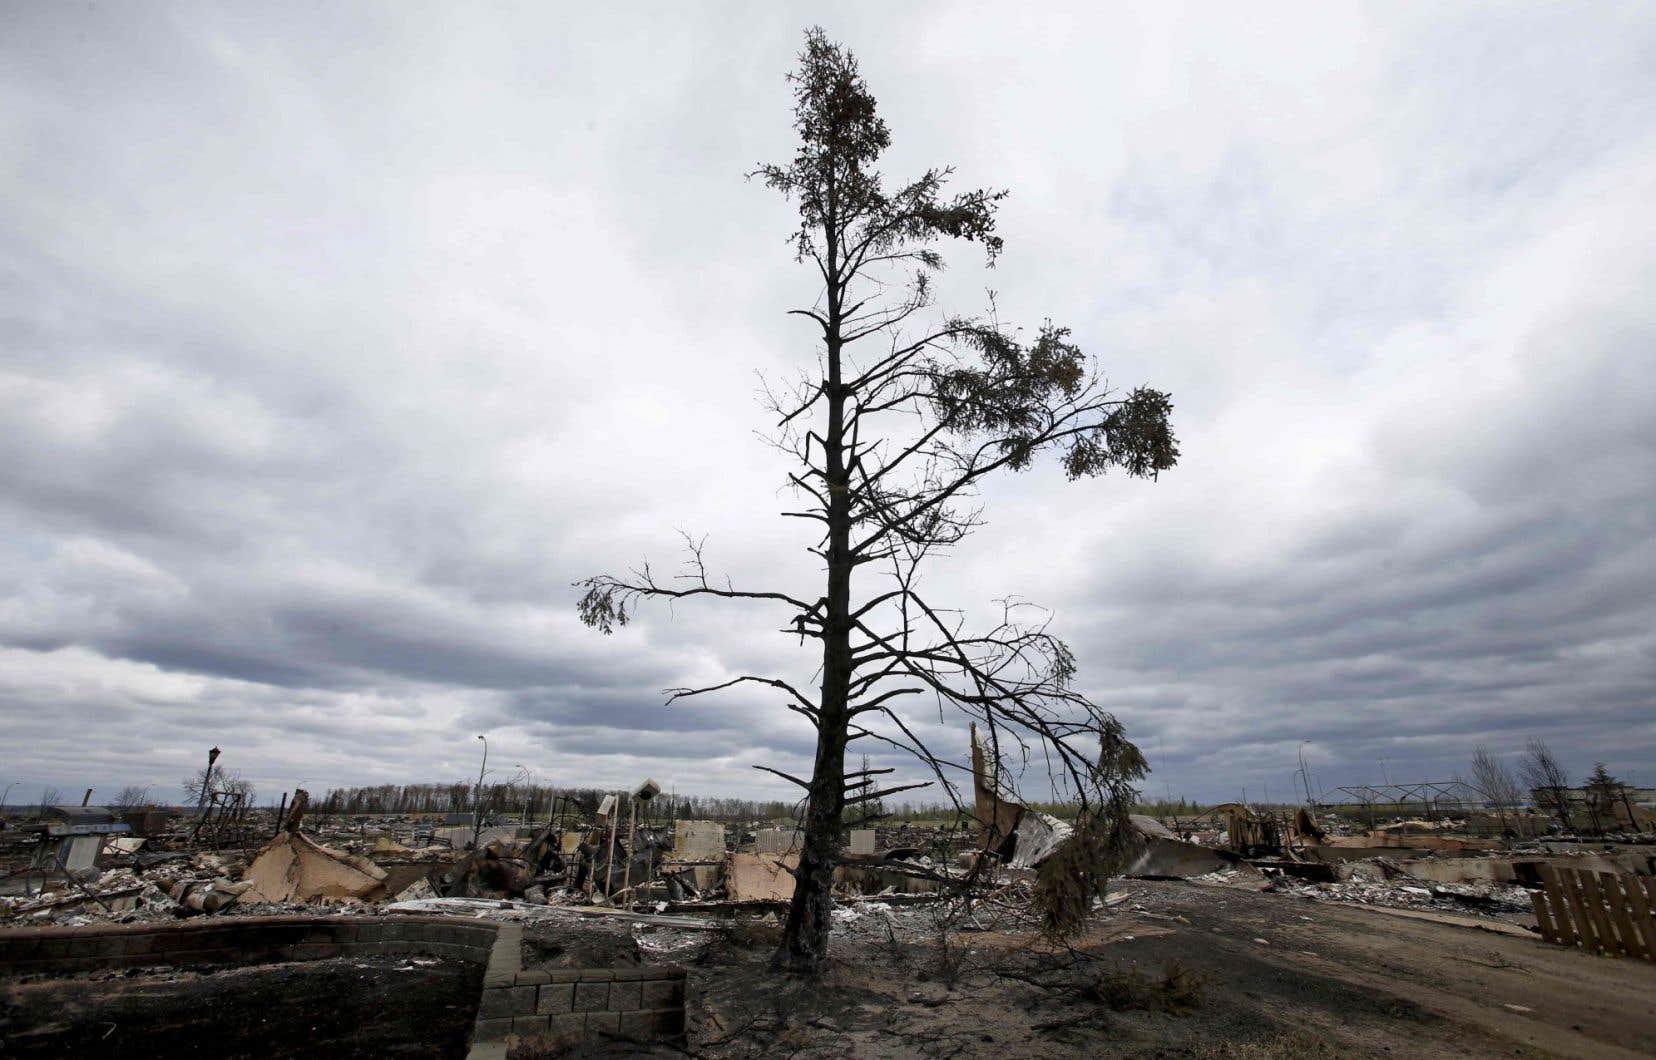 Un arbre à moitié rescapé et totalement esseulé dans un quartier de Fort McMurray, en Alberta